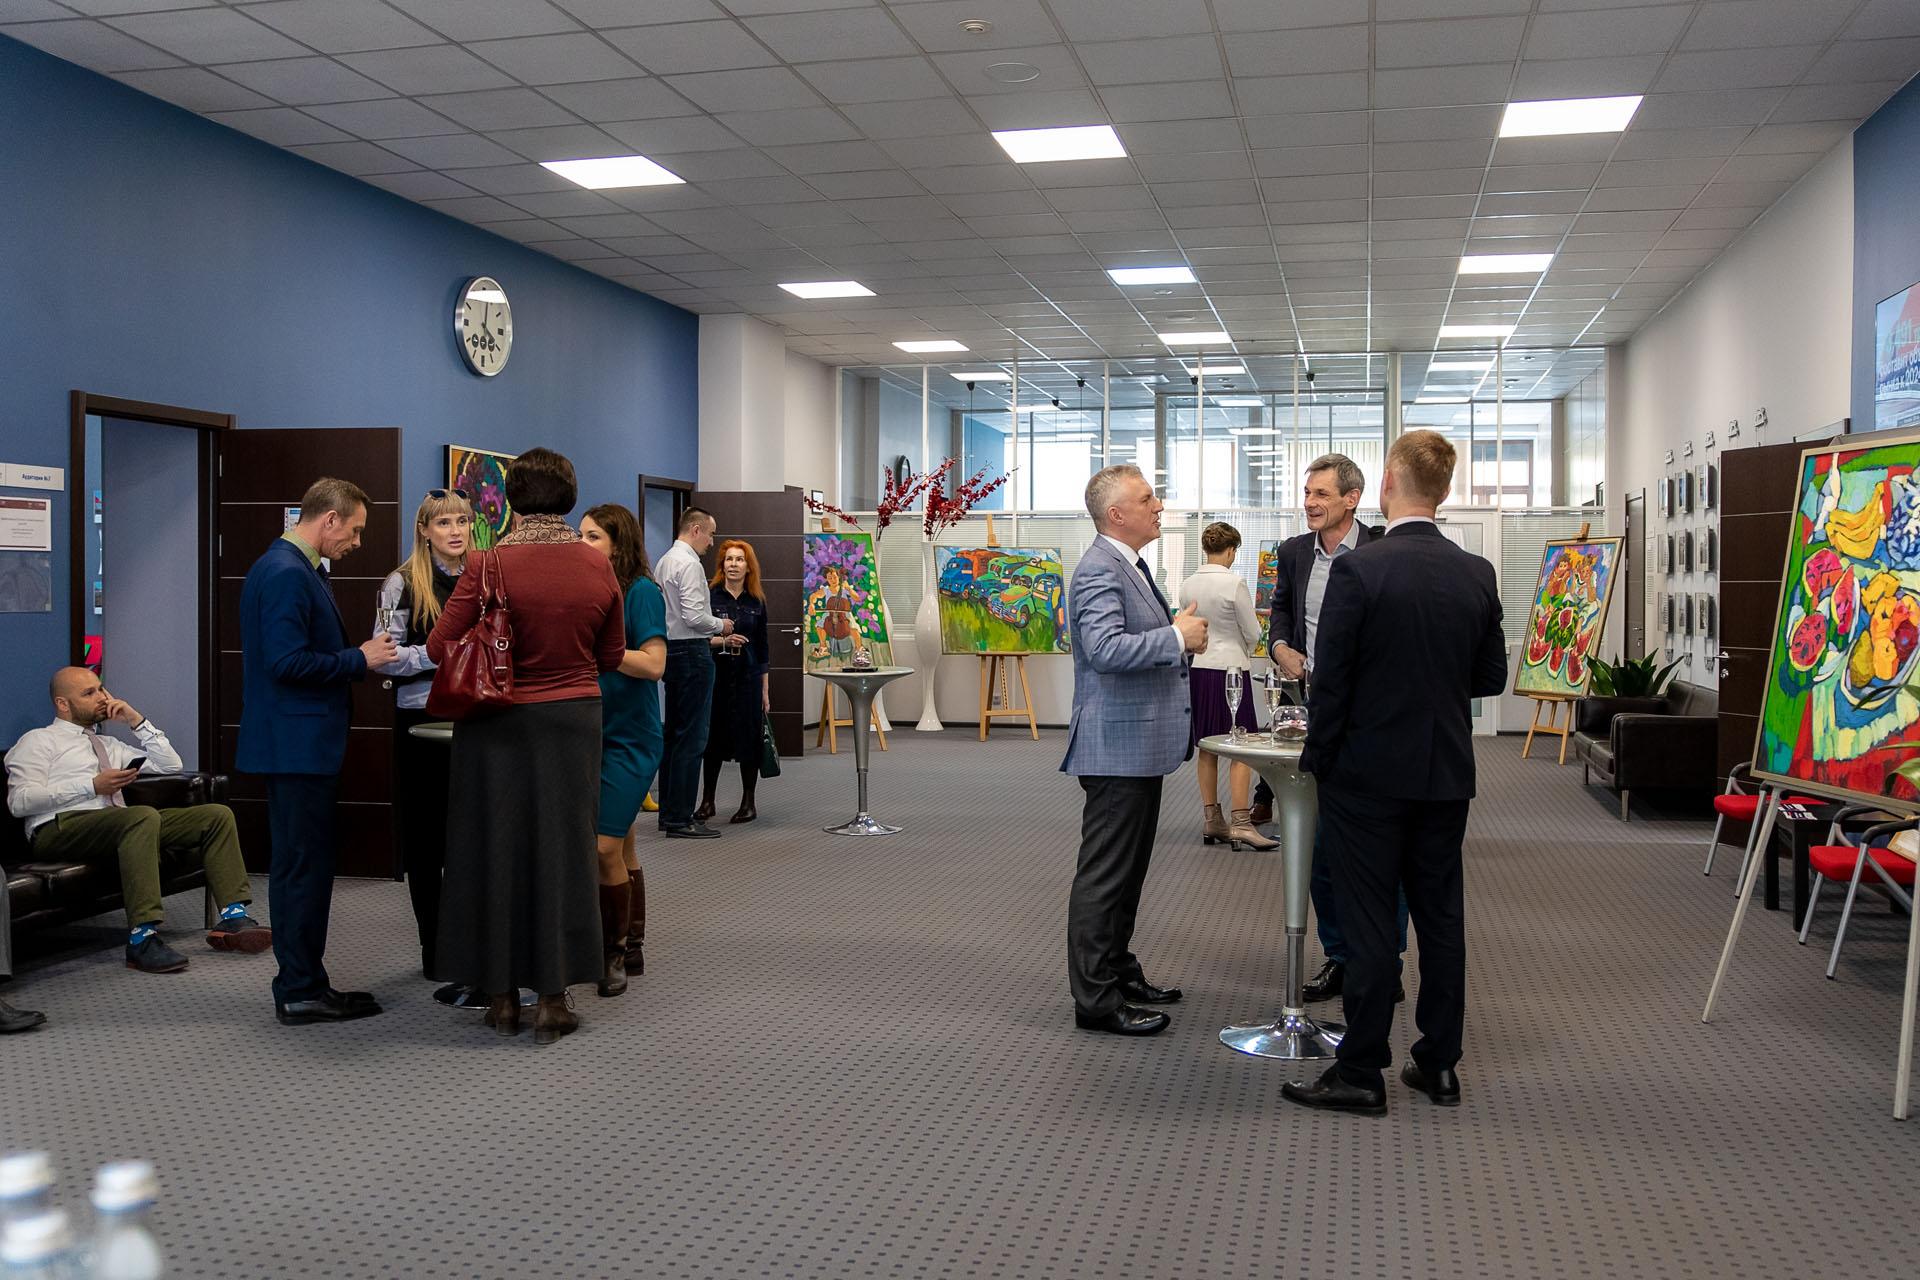 Круглый стол «Креативные пространства как модель эффективного взаимодействия бизнеса и государства для развития комфортной городской среды»